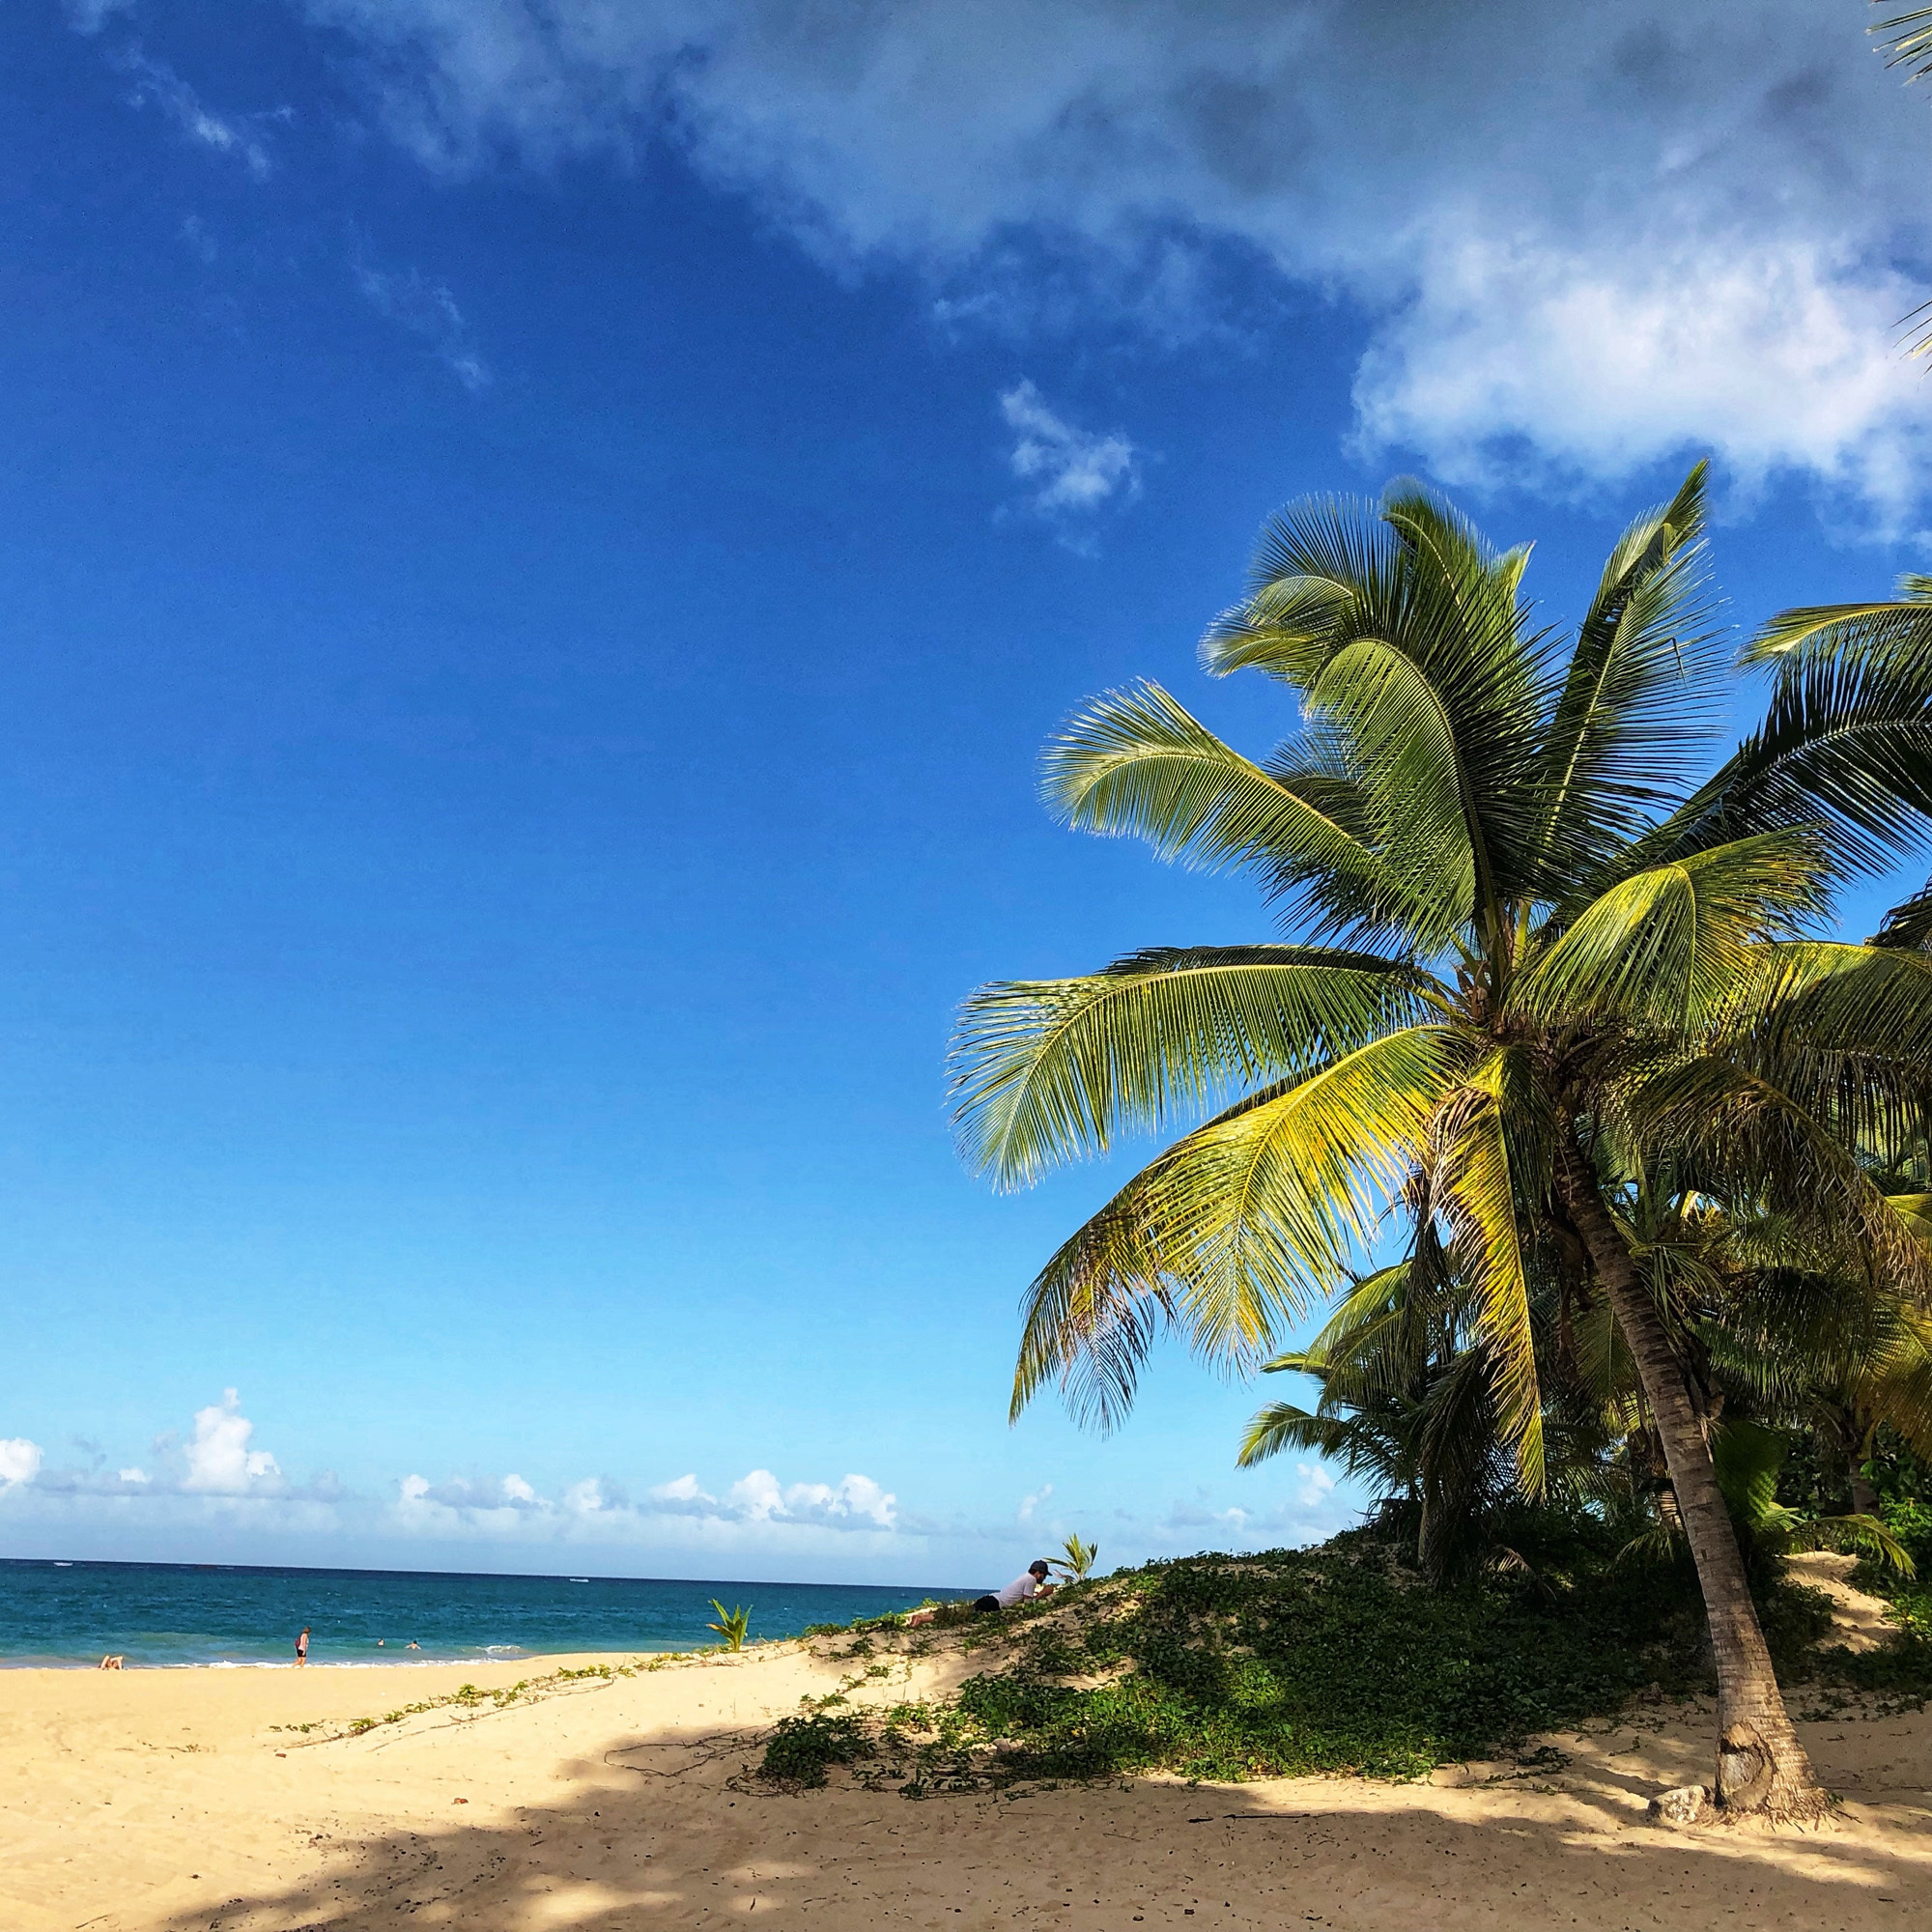 Puerto-Rico-Ocean-Park-beach ▷ Acabo de volver de: San Juan, Puerto Rico